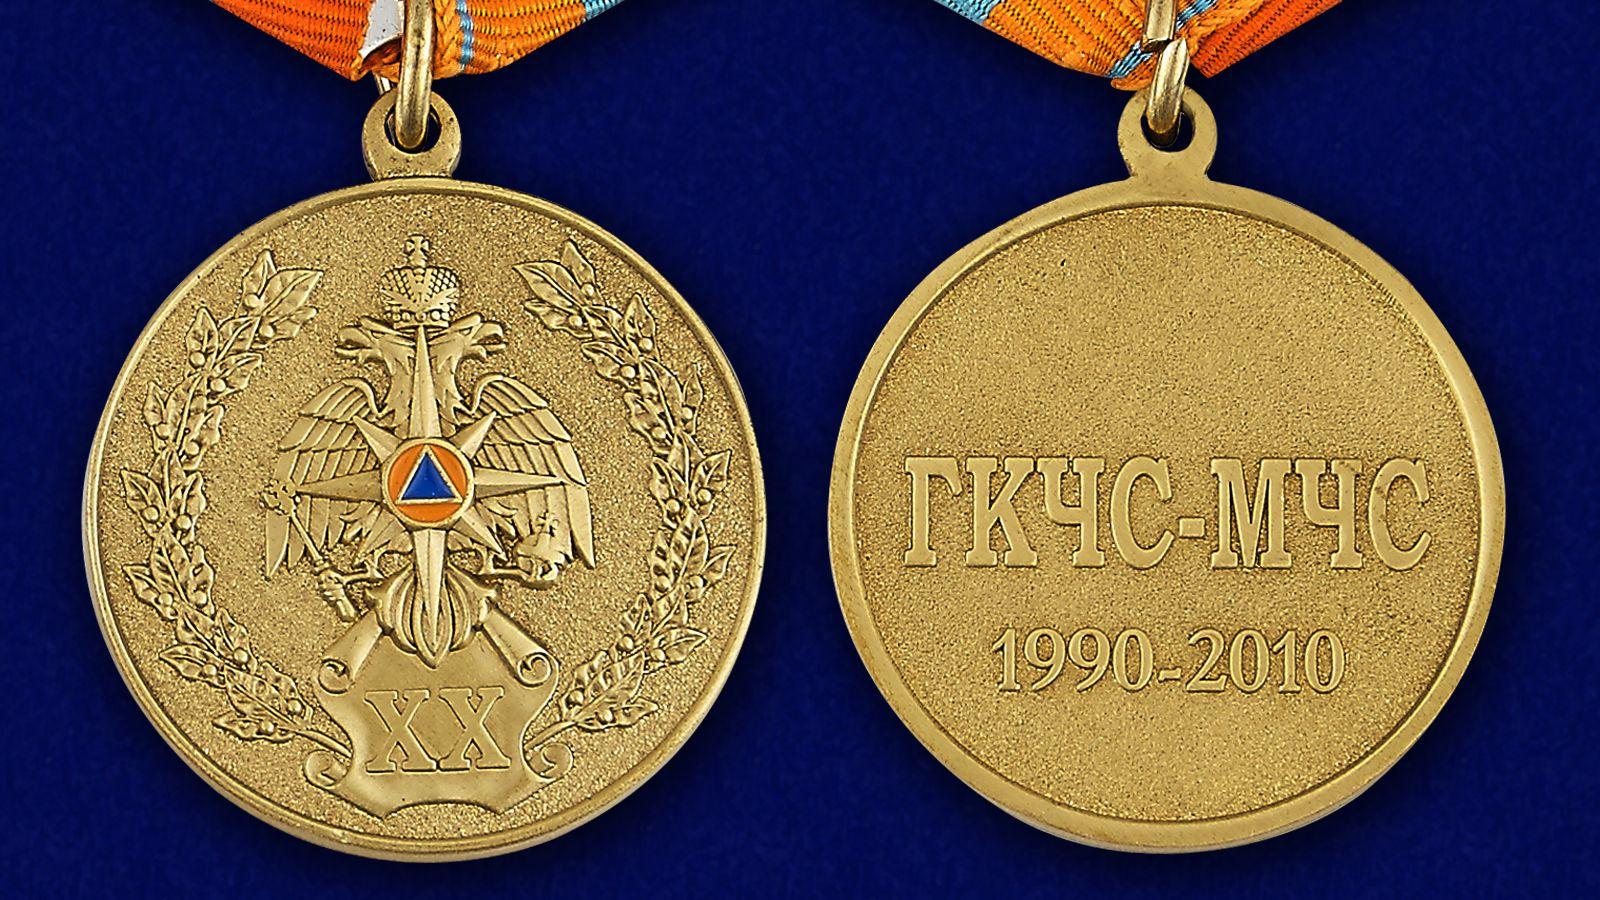 Памятная медаль 20 лет МЧС России - аверс и реверс